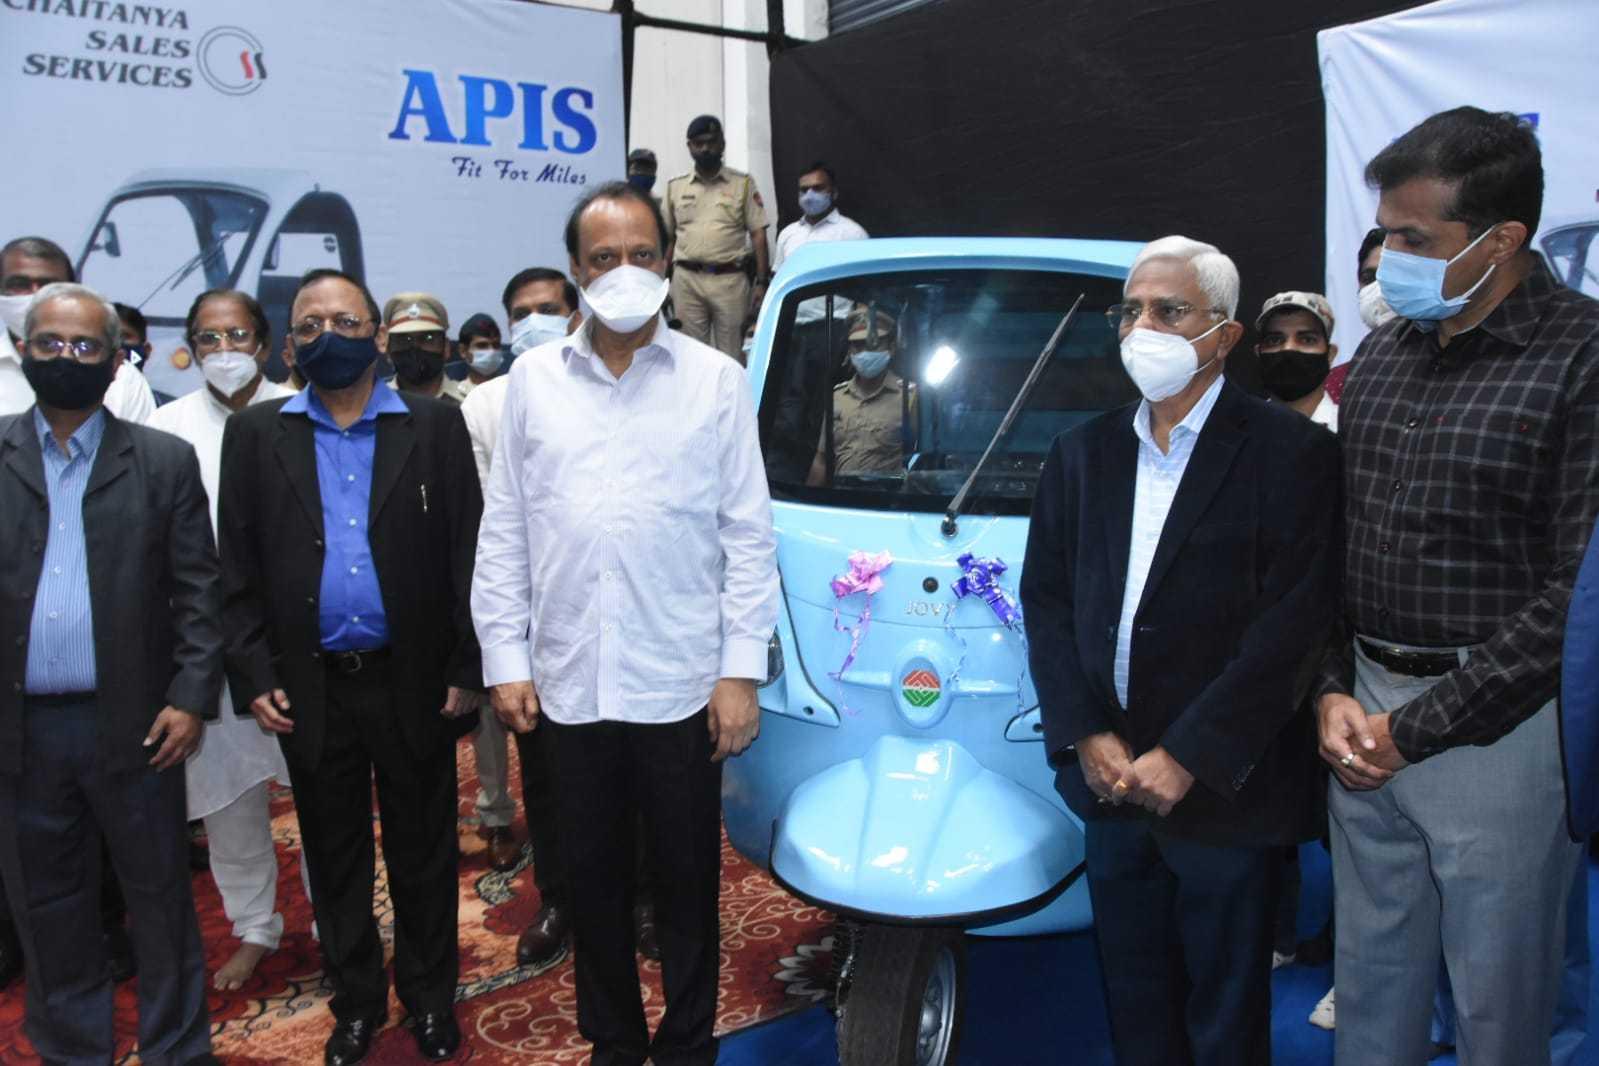 इलेक्ट्रीक गाडयांना प्रोत्साहन व प्राधान्य देणार-उपमुख्यमंत्री अजित पवार